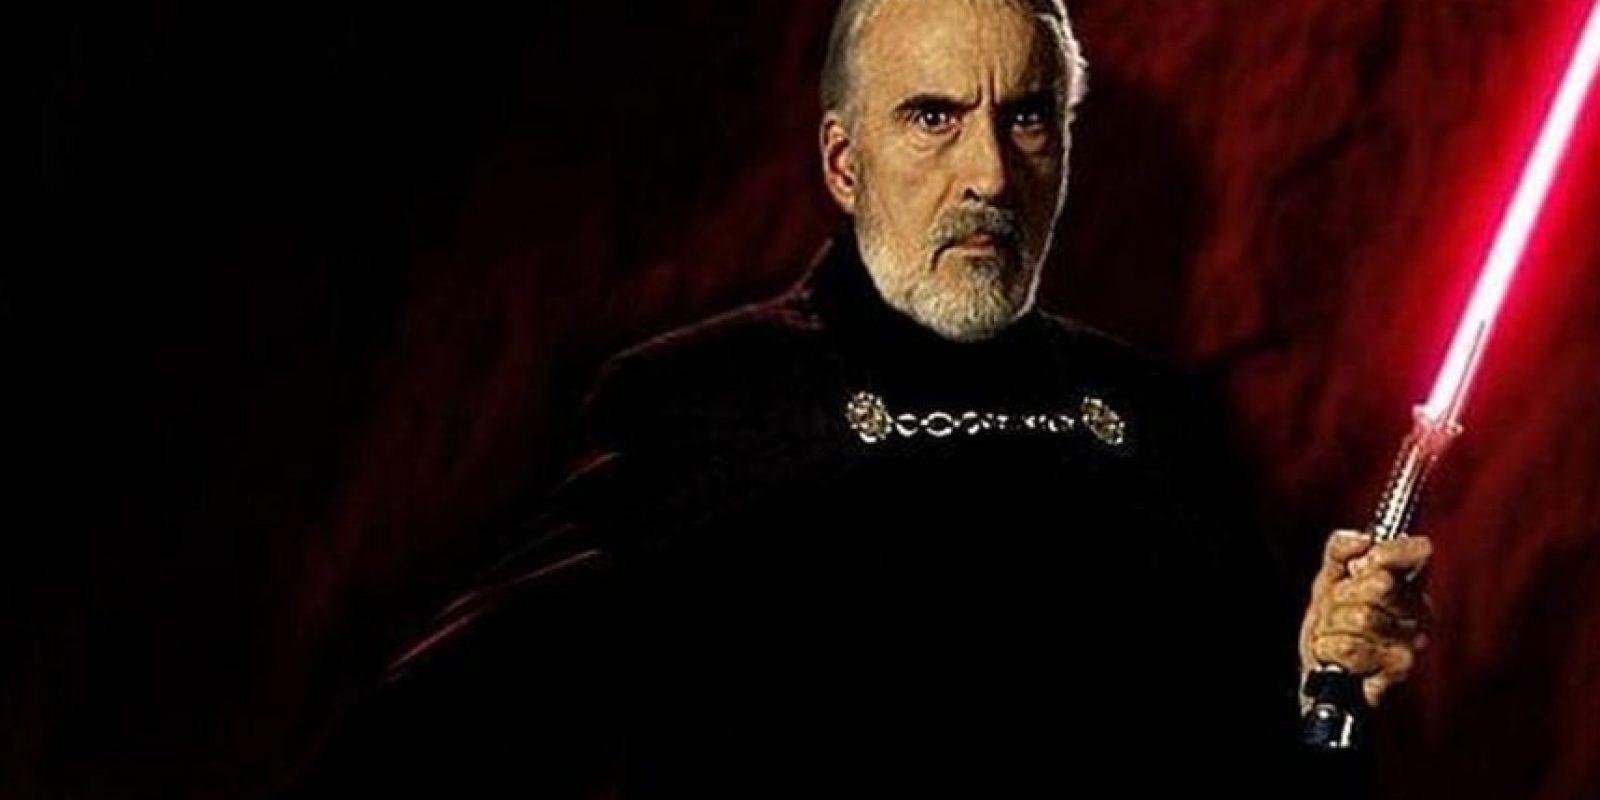 """Interpretó a """"Conde Dooku"""" en """"El ataque de los clones"""" y """"La venganza de los Sith"""". Foto:Vía imdb.com"""